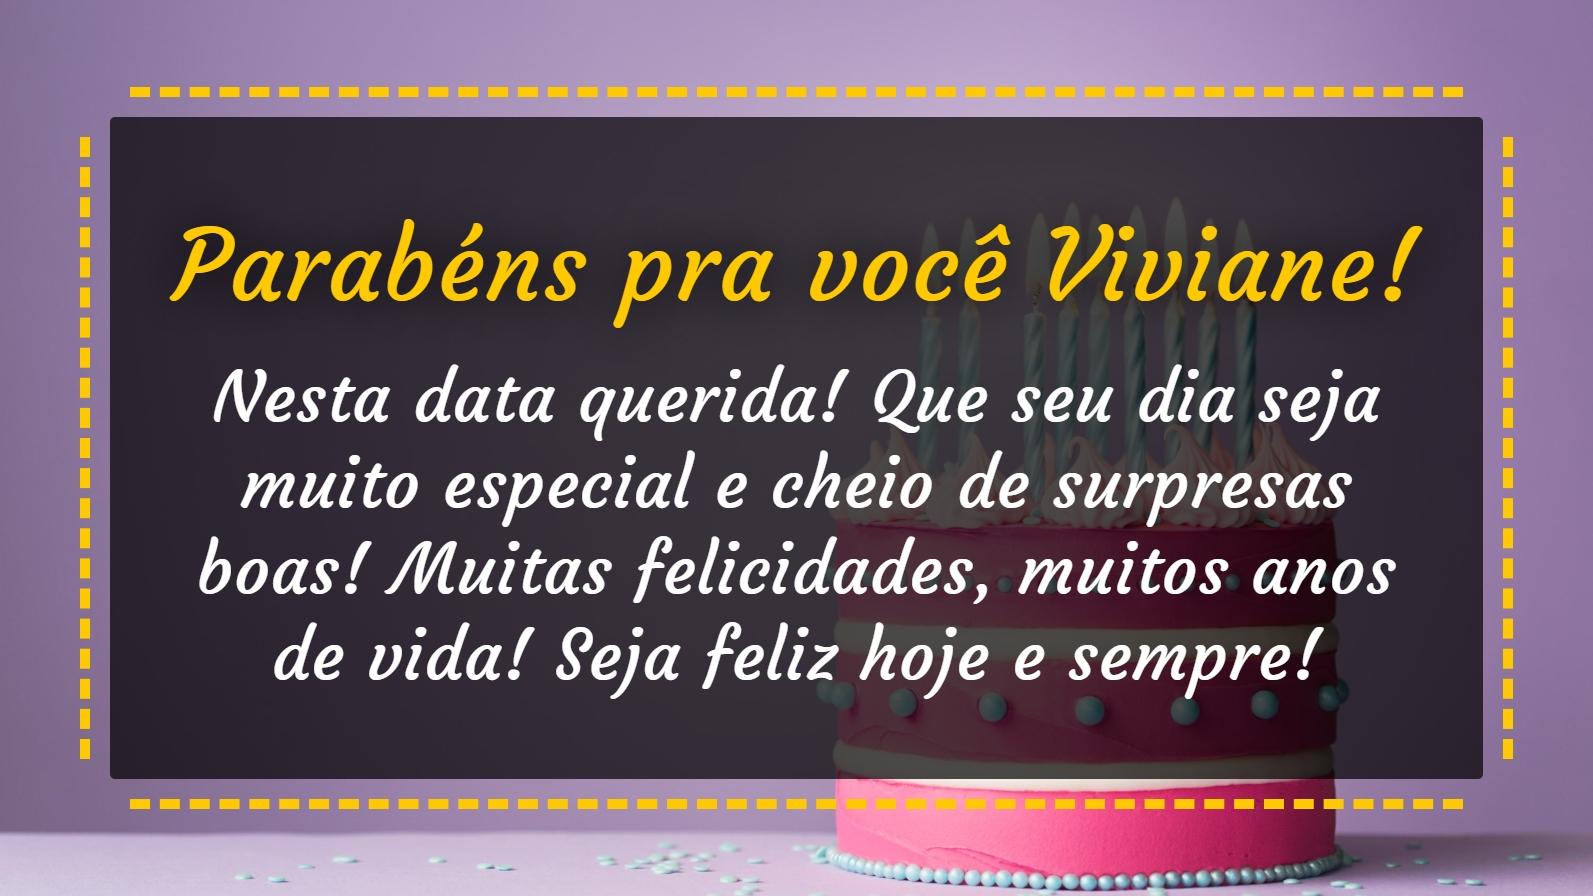 Parabéns pra você Viviane! Parabens pra você! Nesta data querida! Que seu dia seja muito especial e cheio de surpresas boas! Muitas felicidades, muitos anos de vida! Seja feliz hoje e sempre! Parabéns!